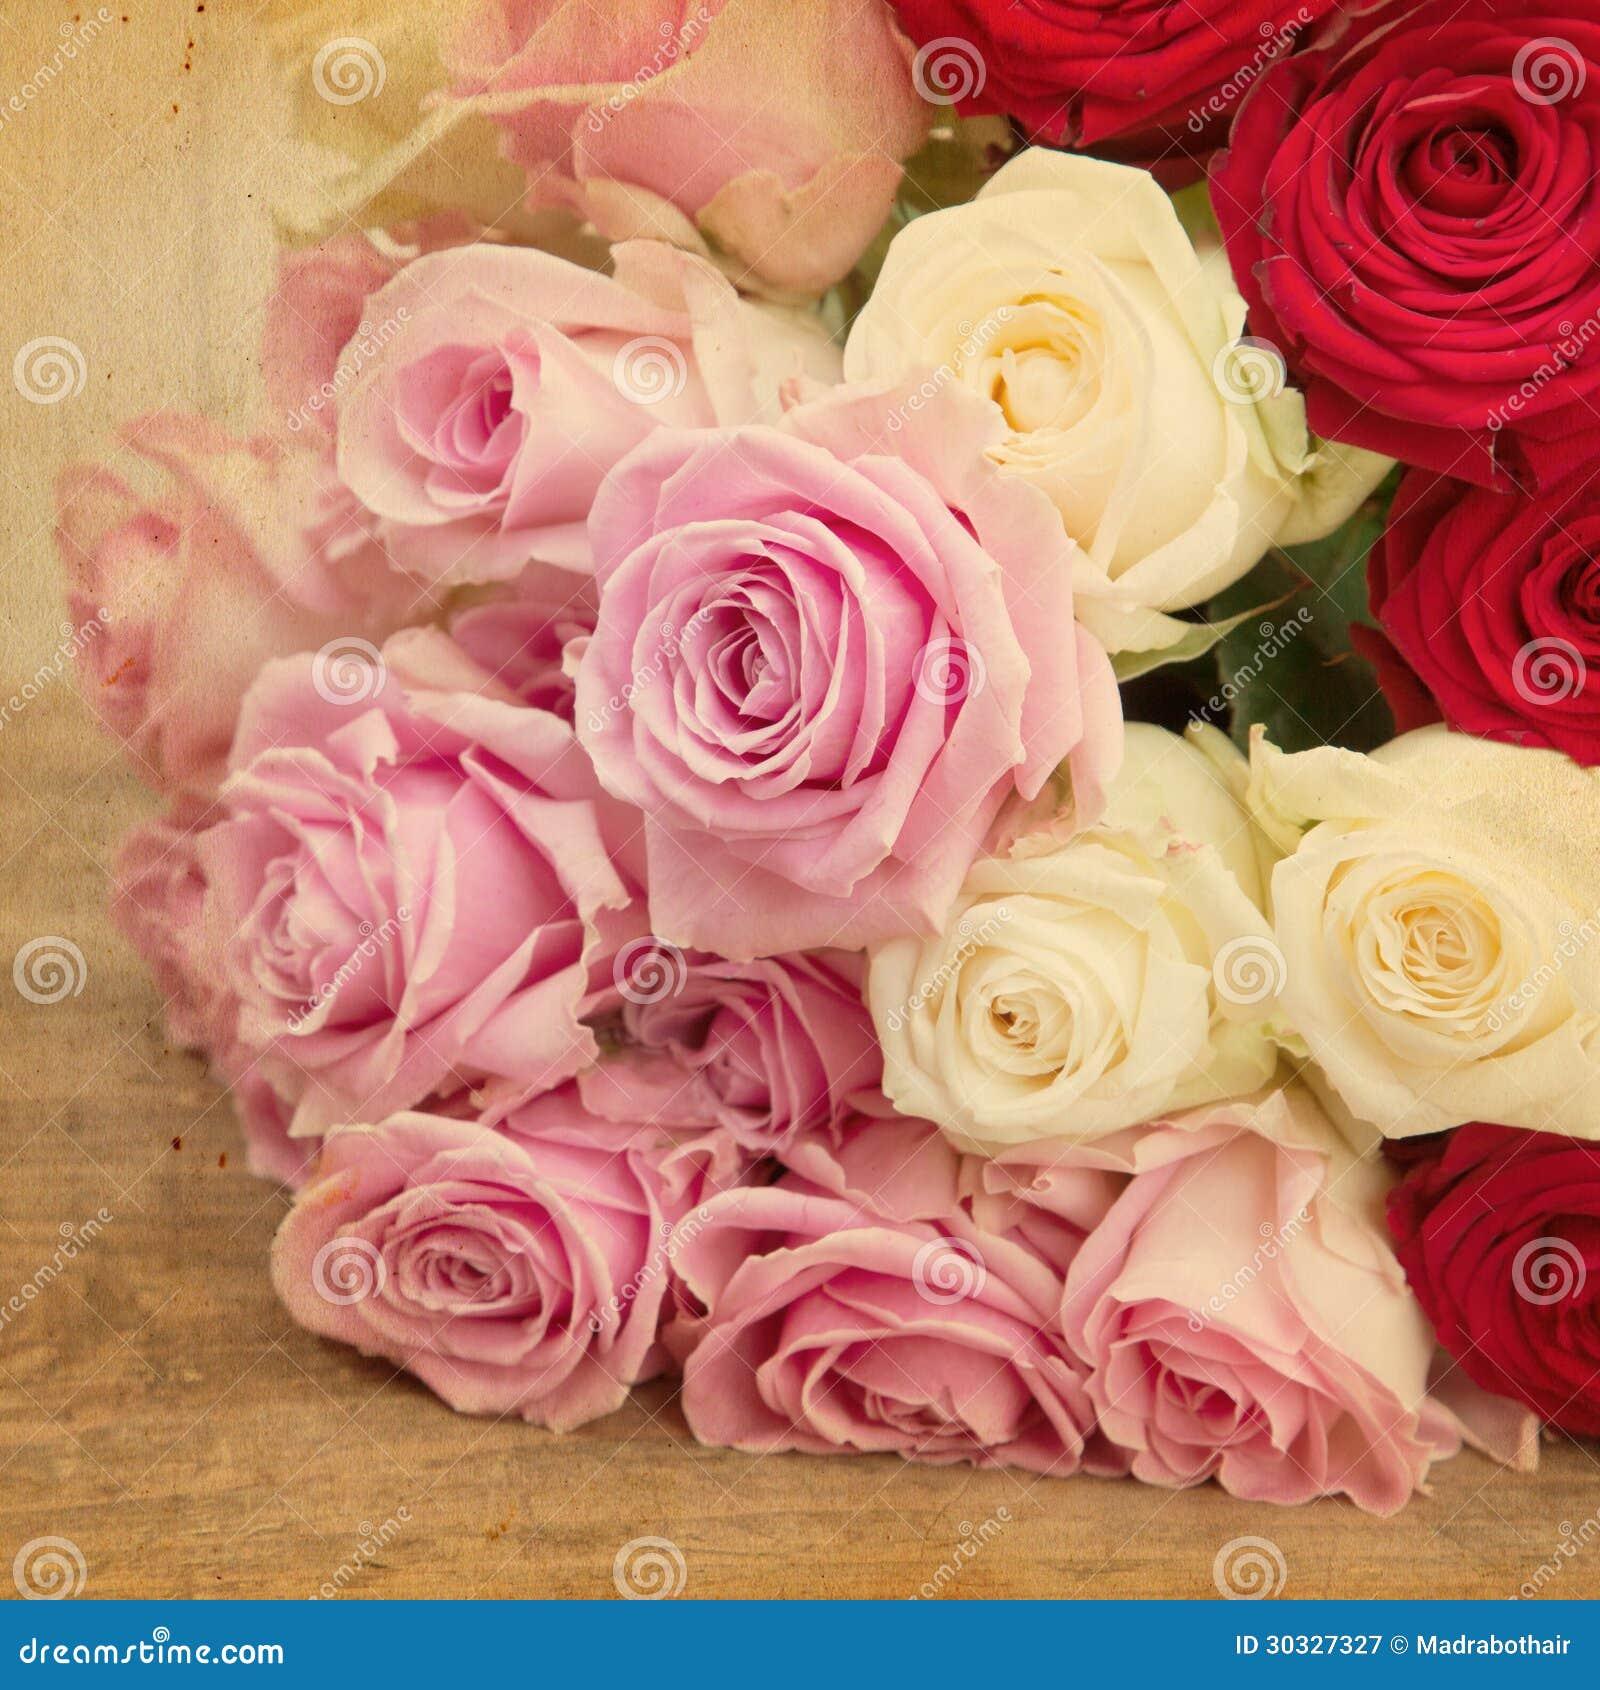 葡萄酒玫瑰花束的样式图片